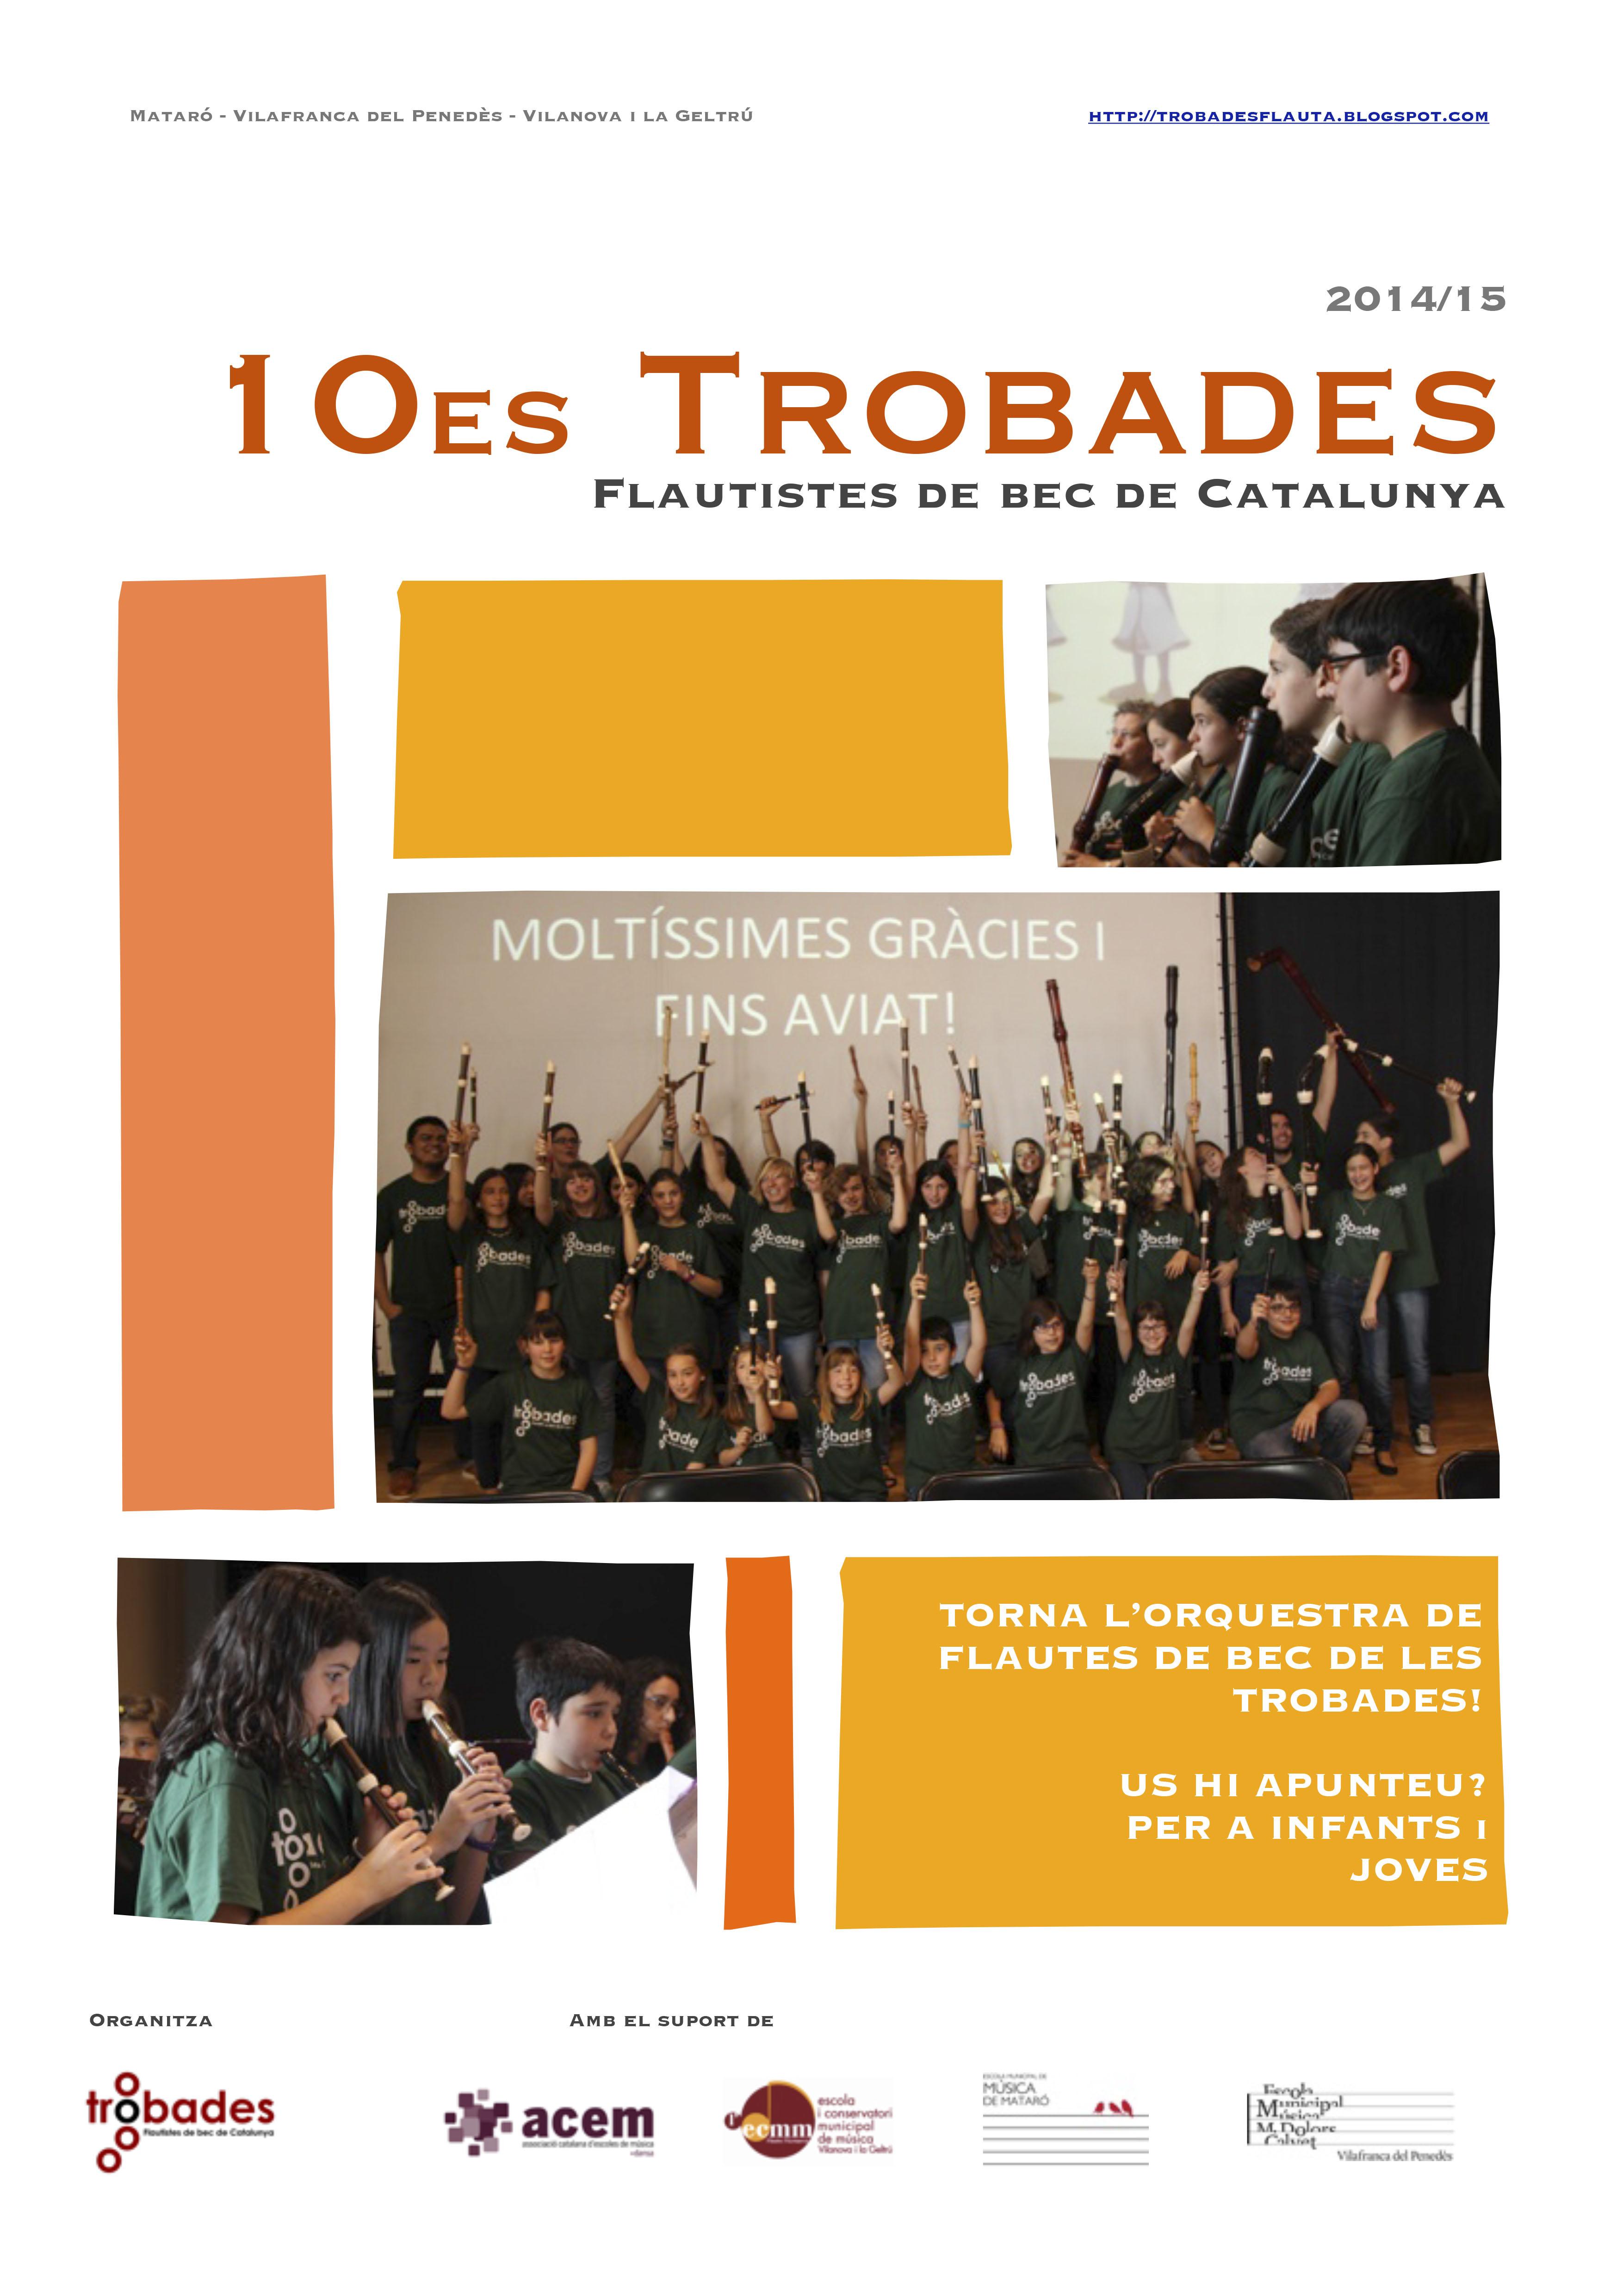 2n encontre de les 10º Trobades de Flautistes de Bec de Catalunya a Vilafranca del Penedès